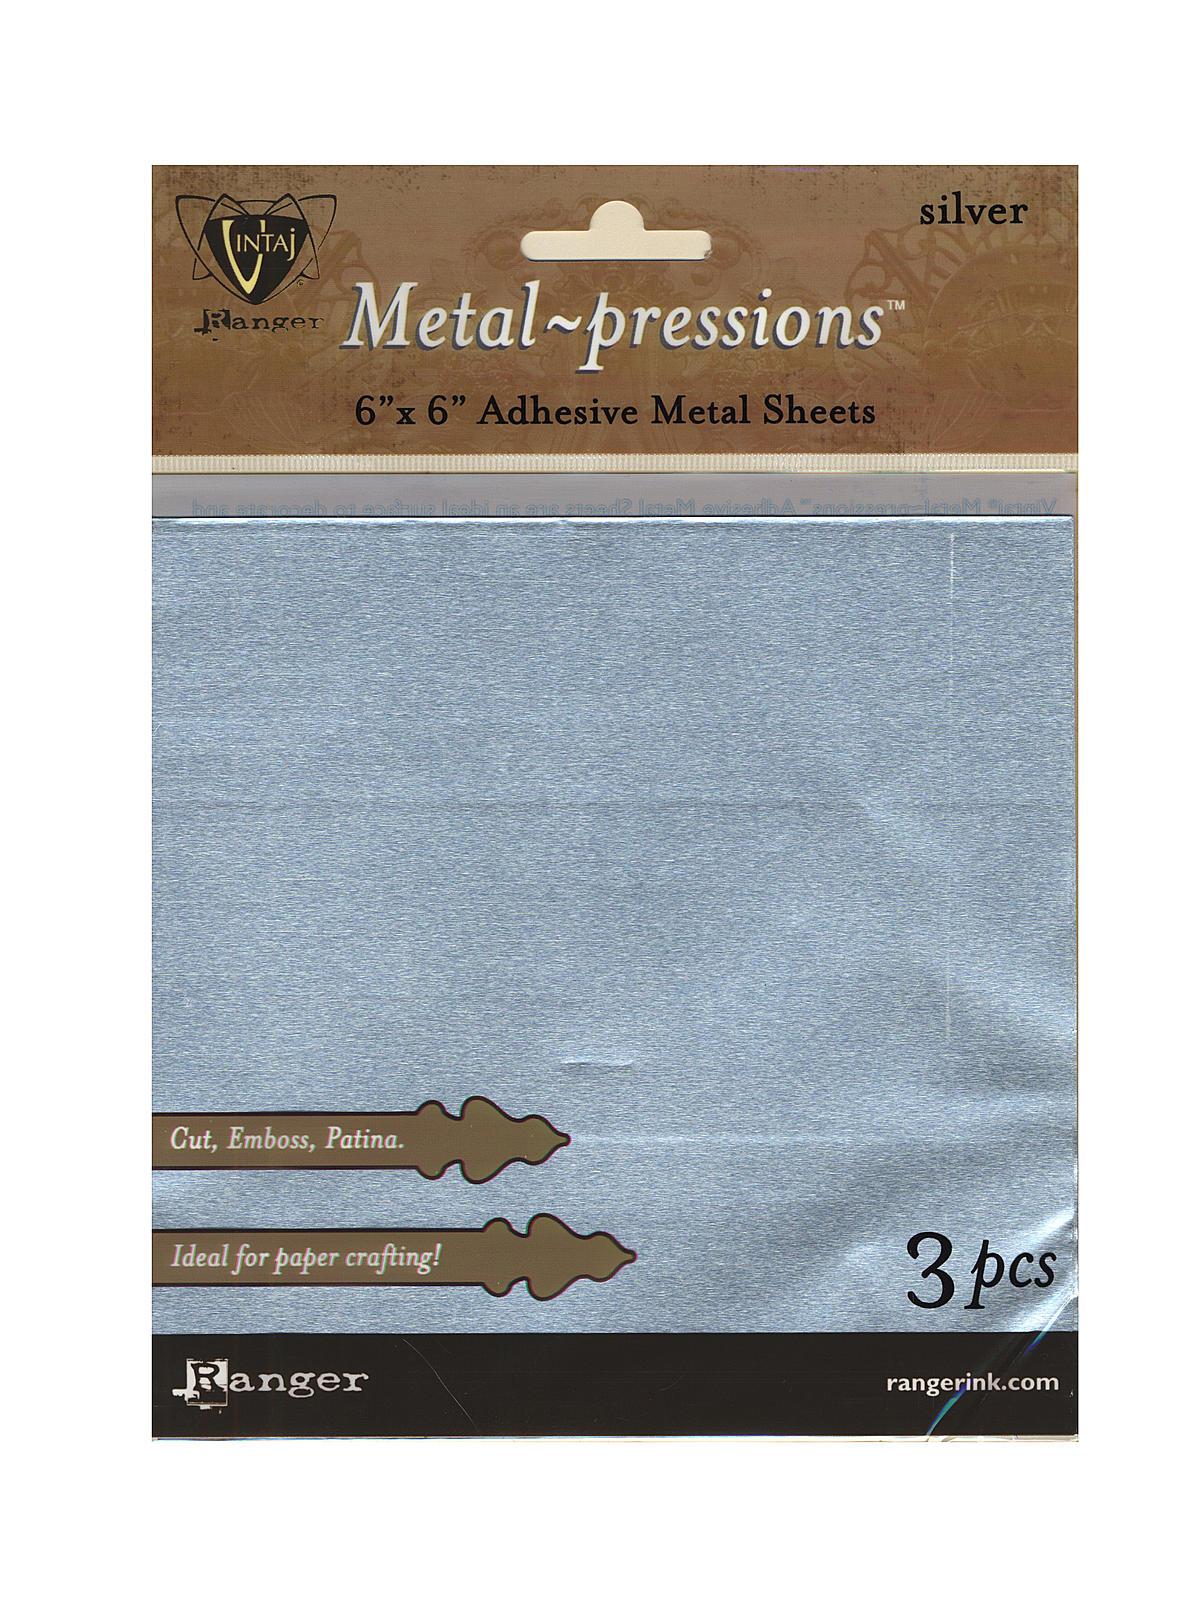 Vintaj Metal-pressions Metal Sheets